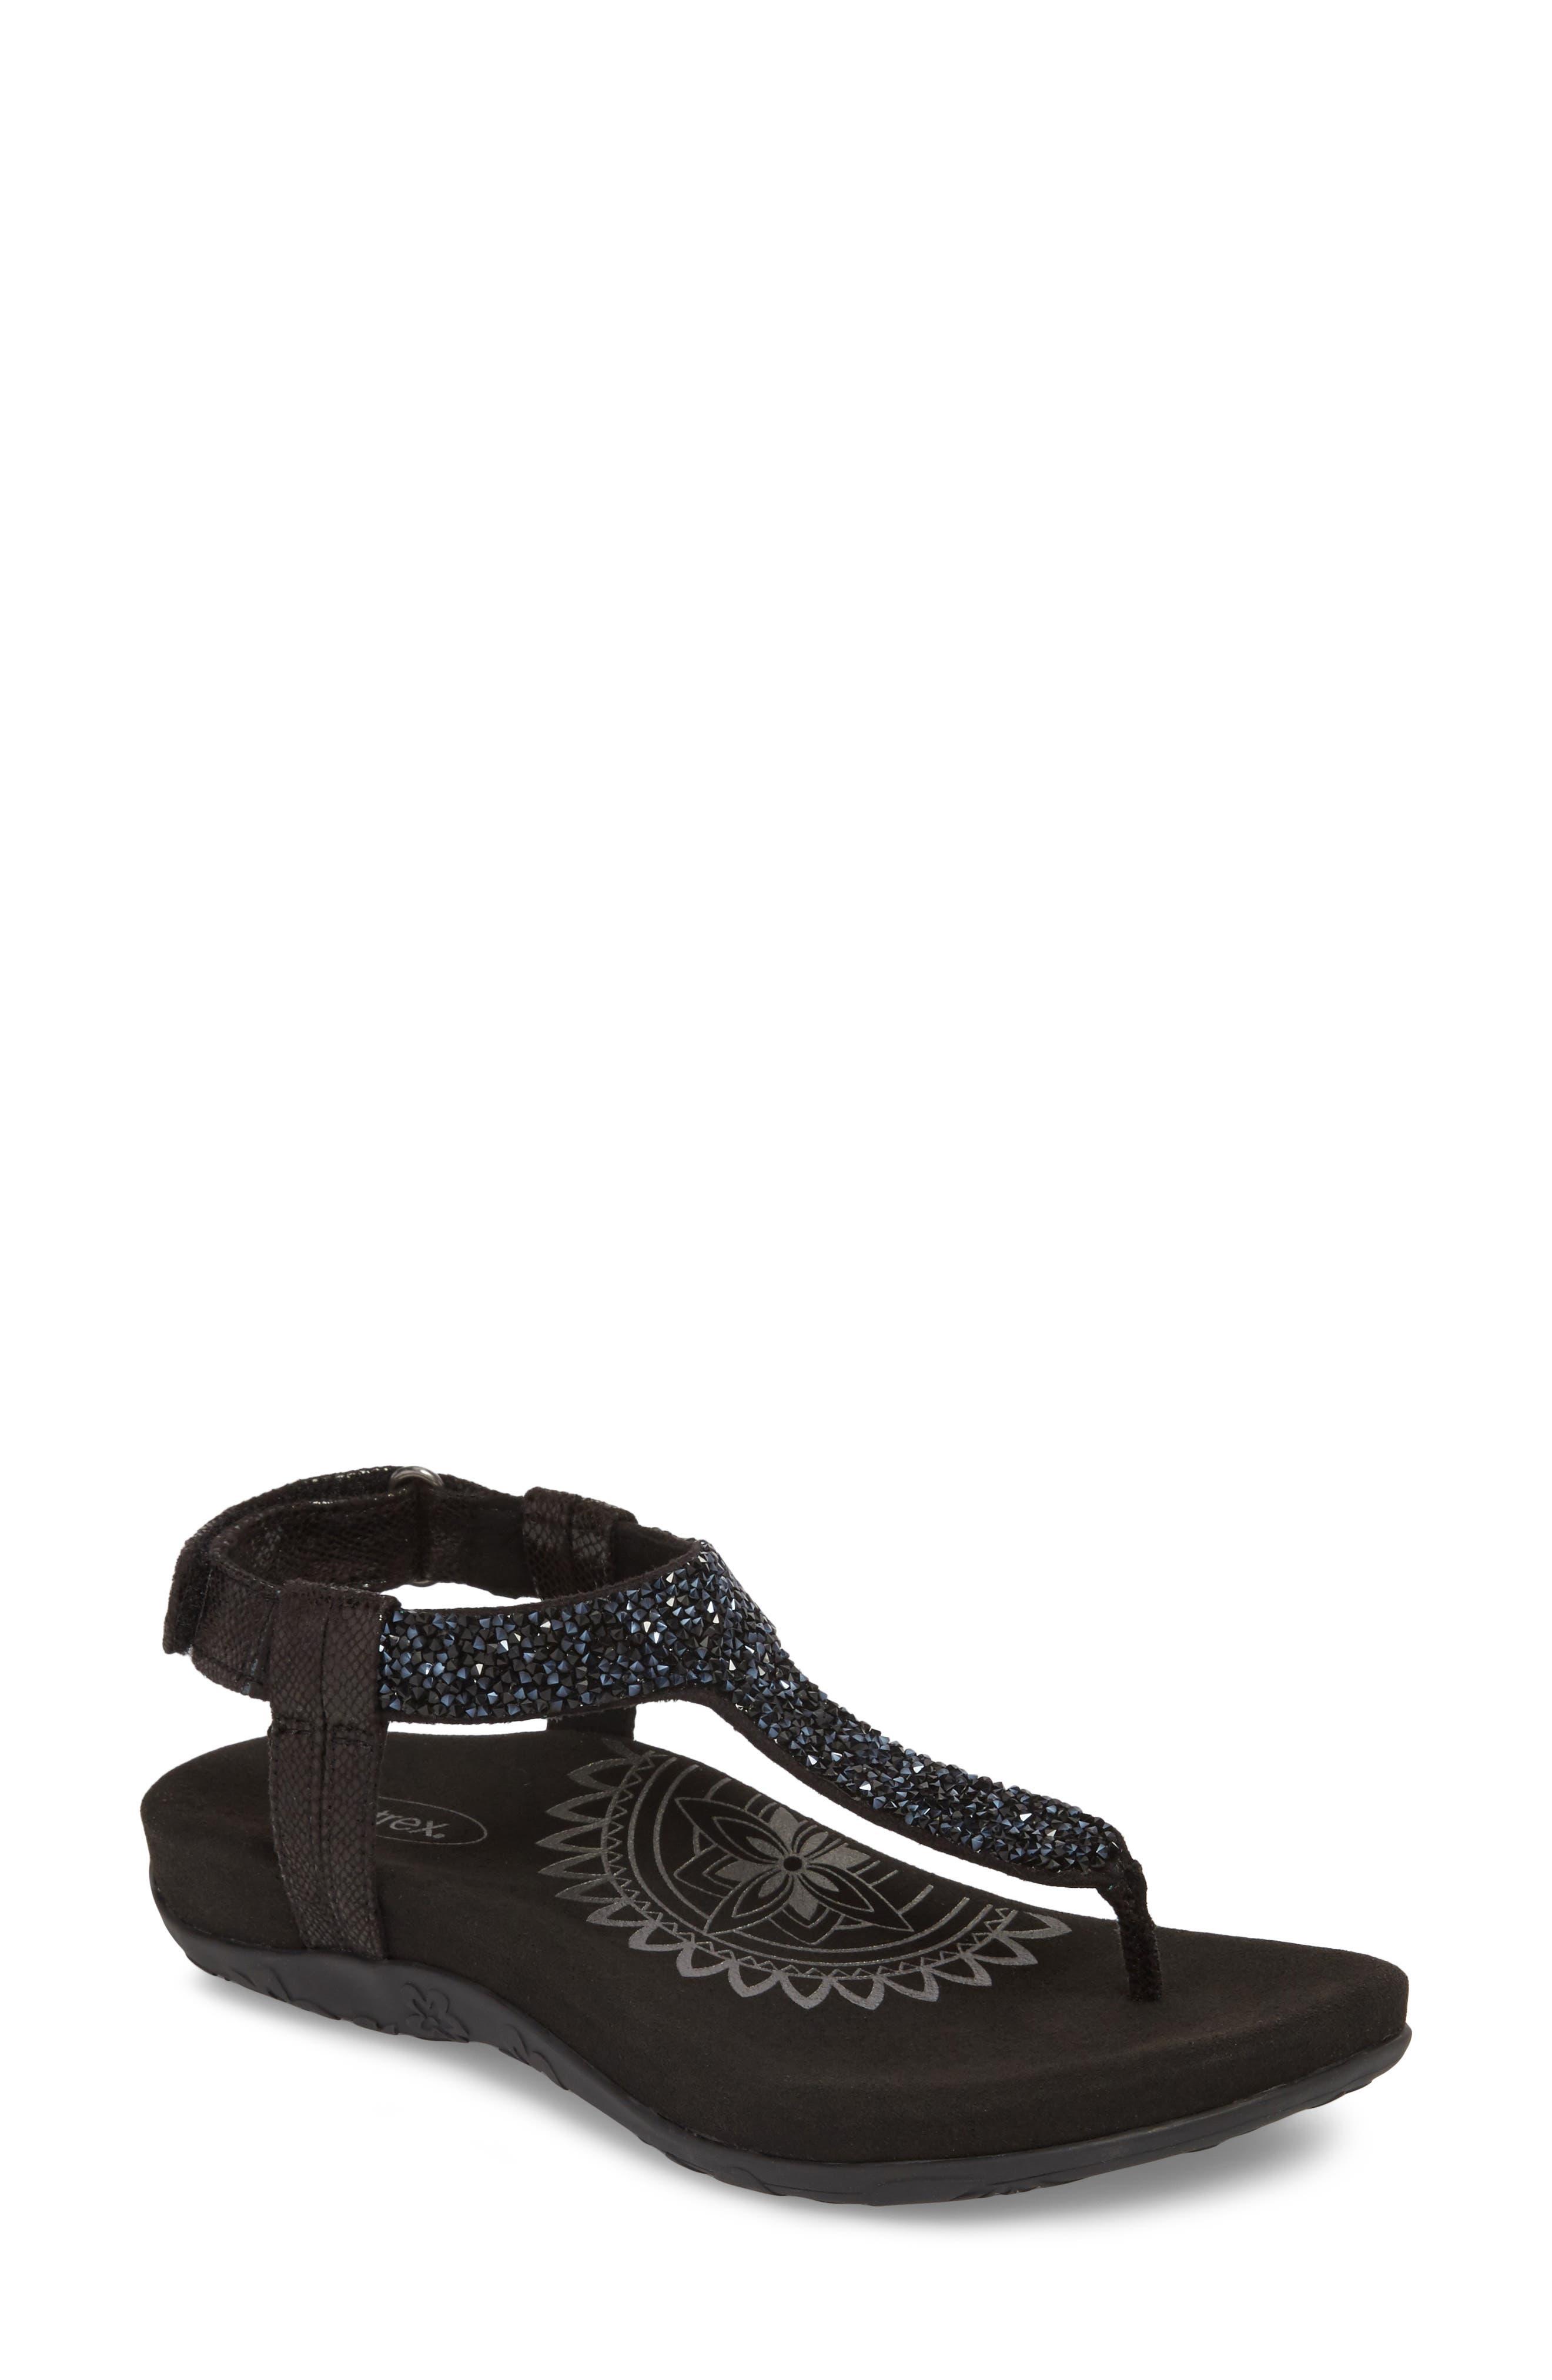 Jade Embellished T-Strap Sandal,                         Main,                         color, Black Leather